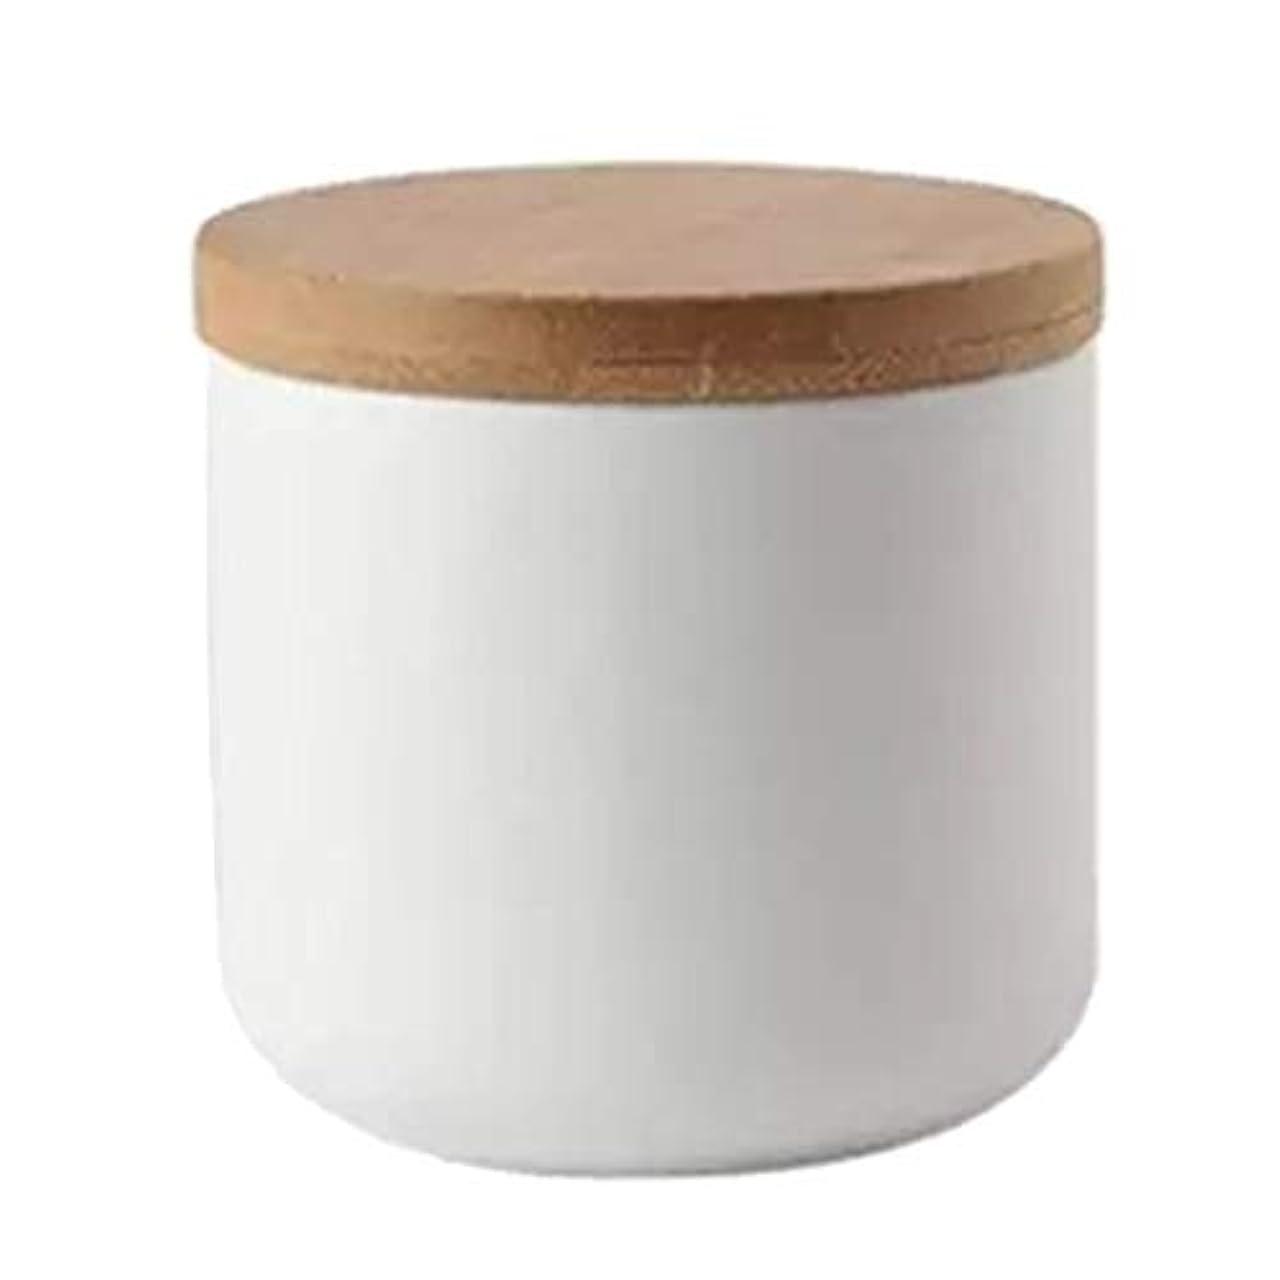 アブセイ同盟識別する化粧品ポット 収納 ボウル ネイルアートリムーバー アルコール ネイルリキッド パウダー コンテナ 全2色 - 白い